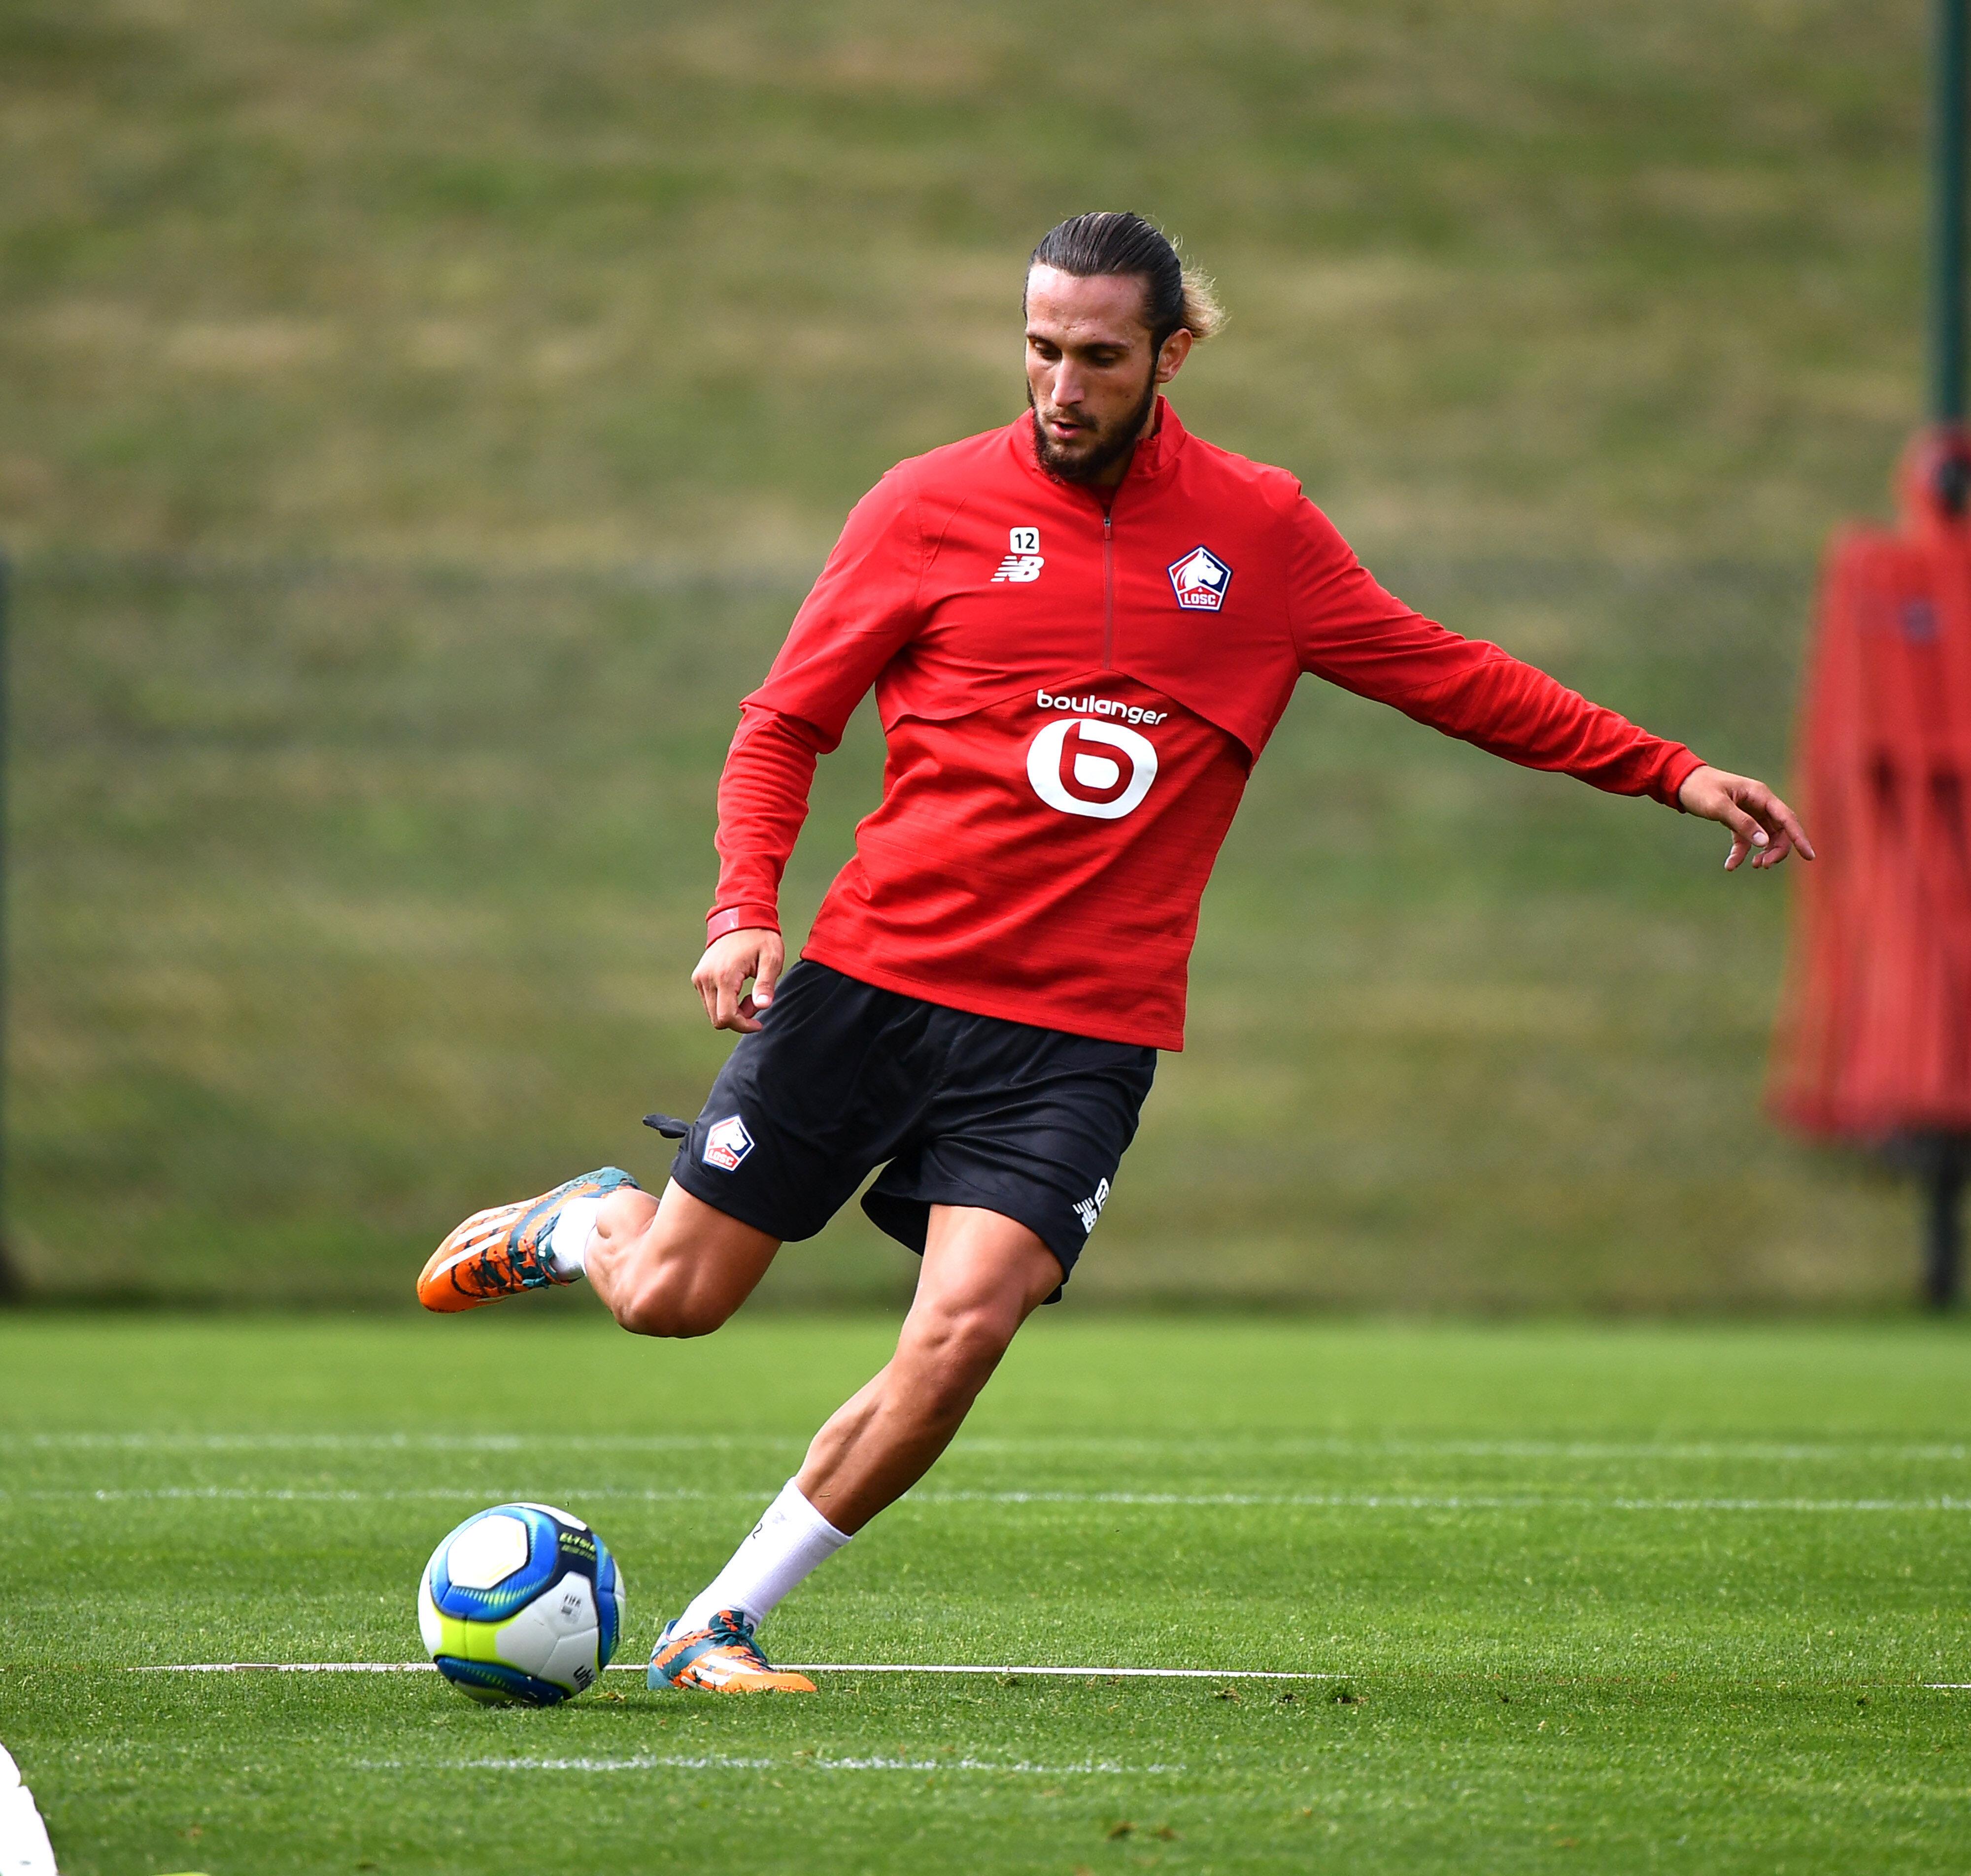 Yusuf Yazıcı Trabzonspor'dan Lille'e 16.5 milyon euro karşılığında transfer oldu.